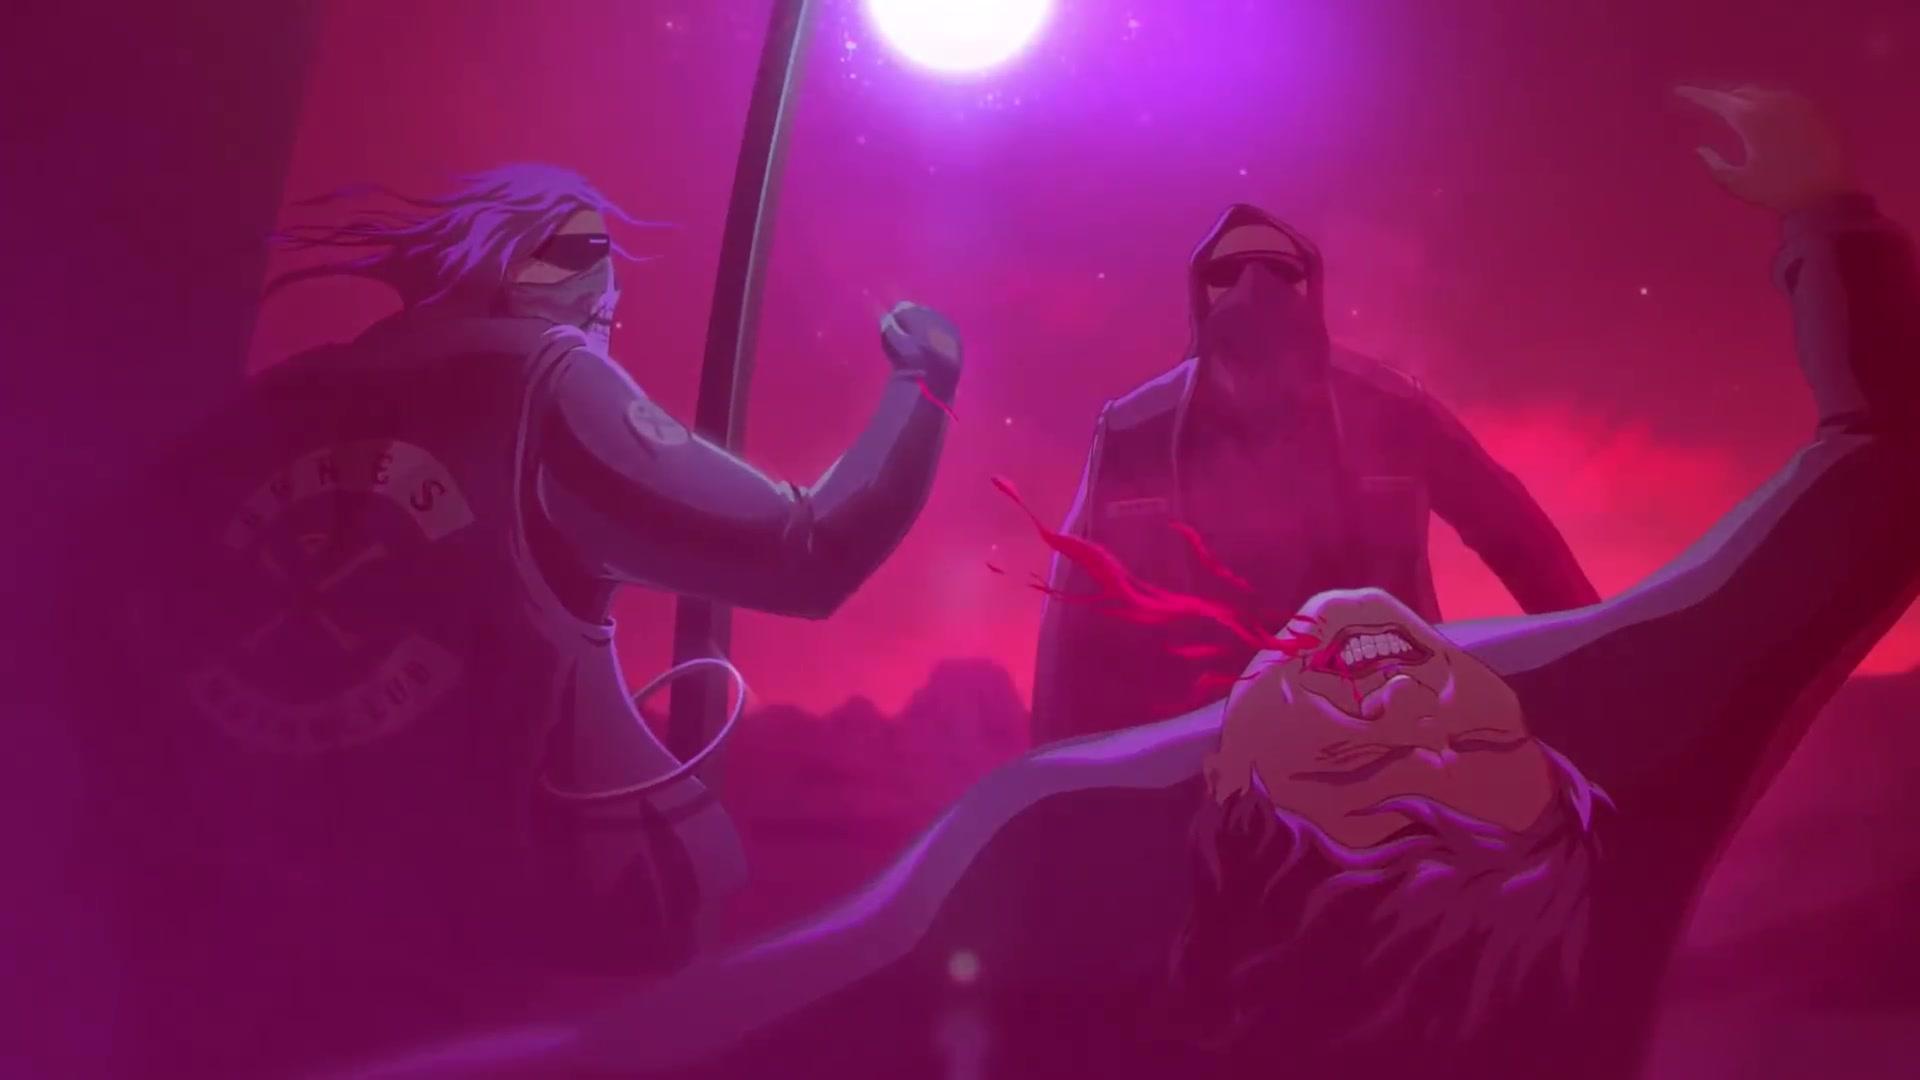 《疯狂派对2》预告片欣赏 不发奖金就大开杀戒